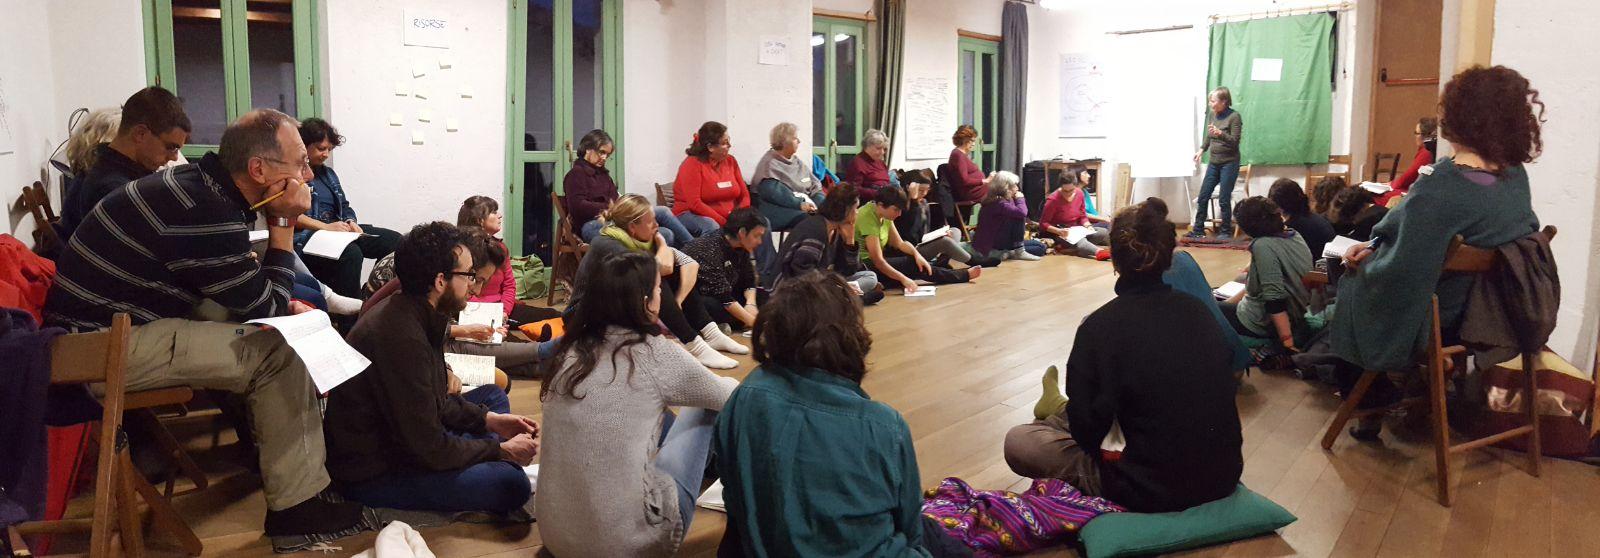 Il workshop di Comunicazione ecologica, con Eva Lotz